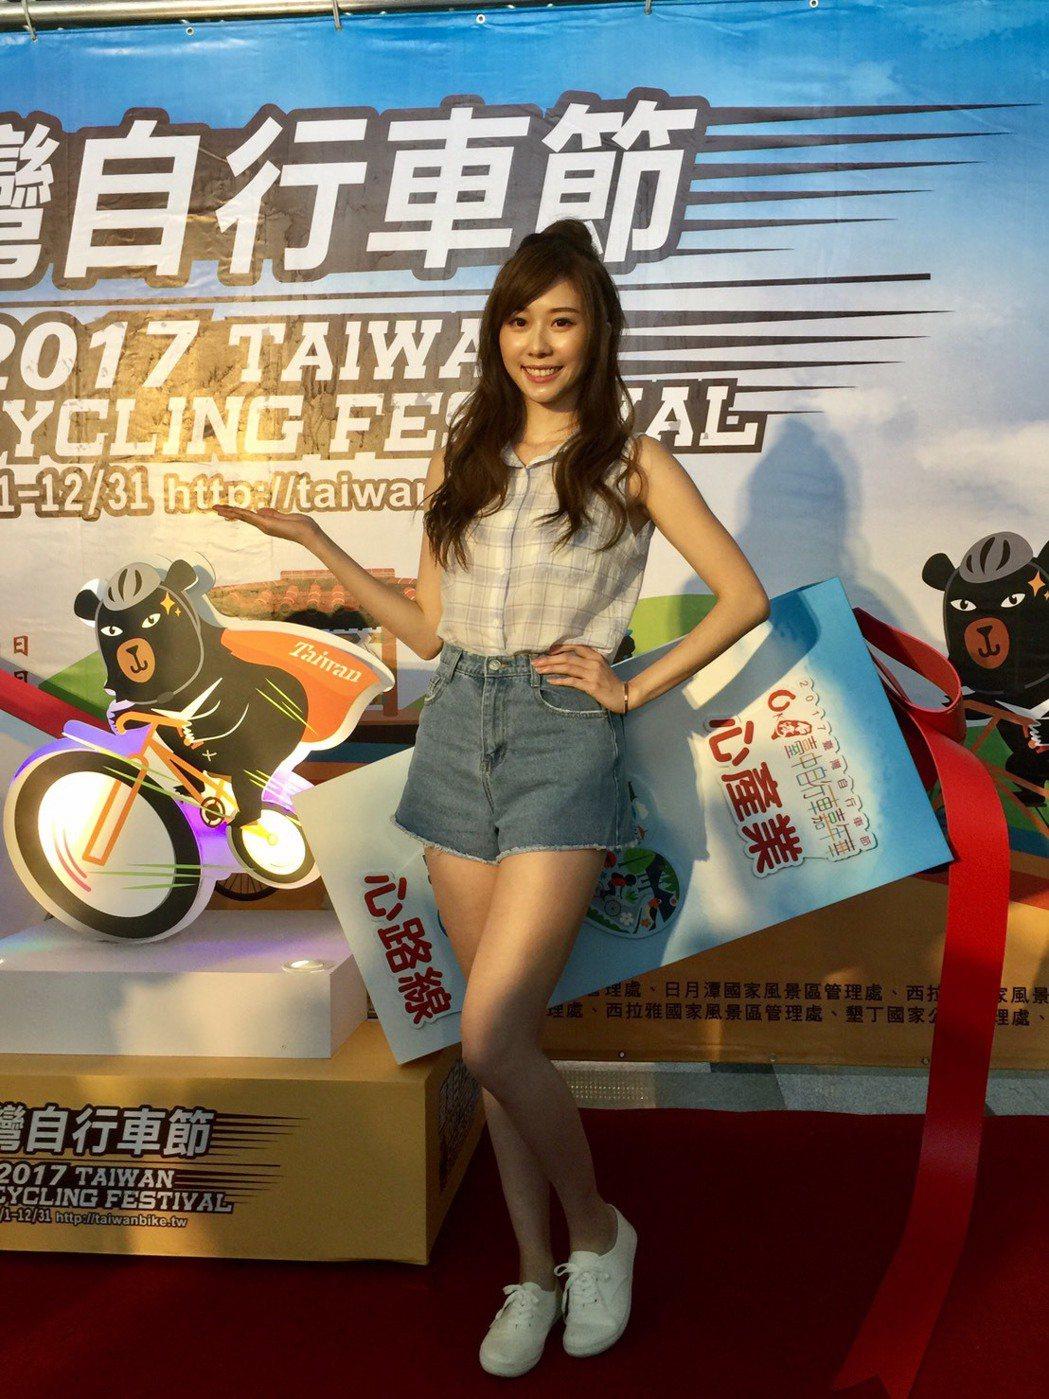 張景嵐擔任2017自行車節代言大使。記者陳慧貞/攝影